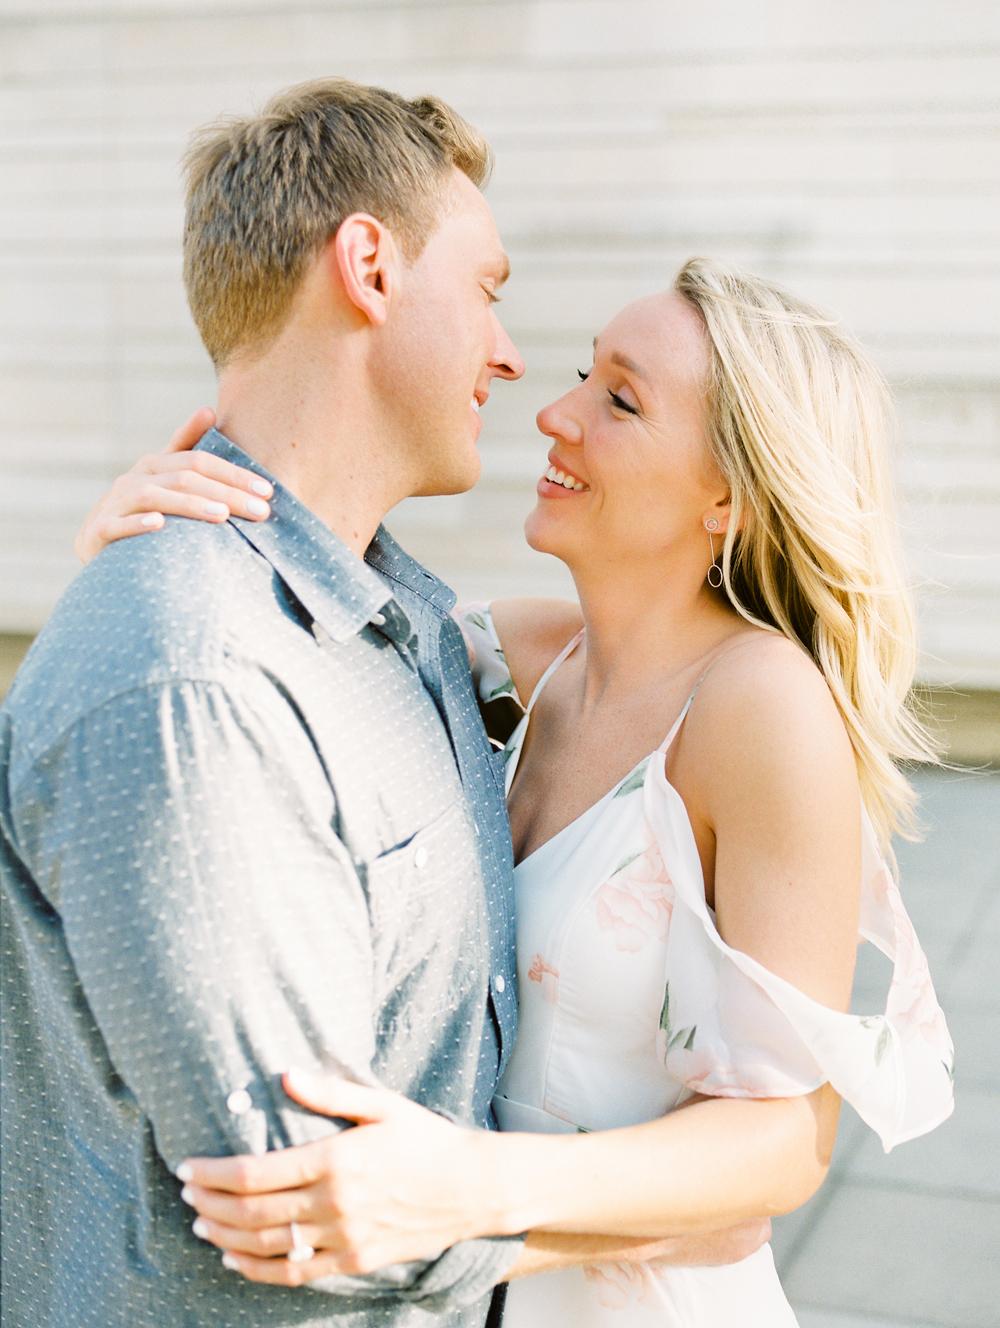 Best-Austin-Denver-California-Wedding-Photographers-fine-art-film-Engagement-Session-28.jpg